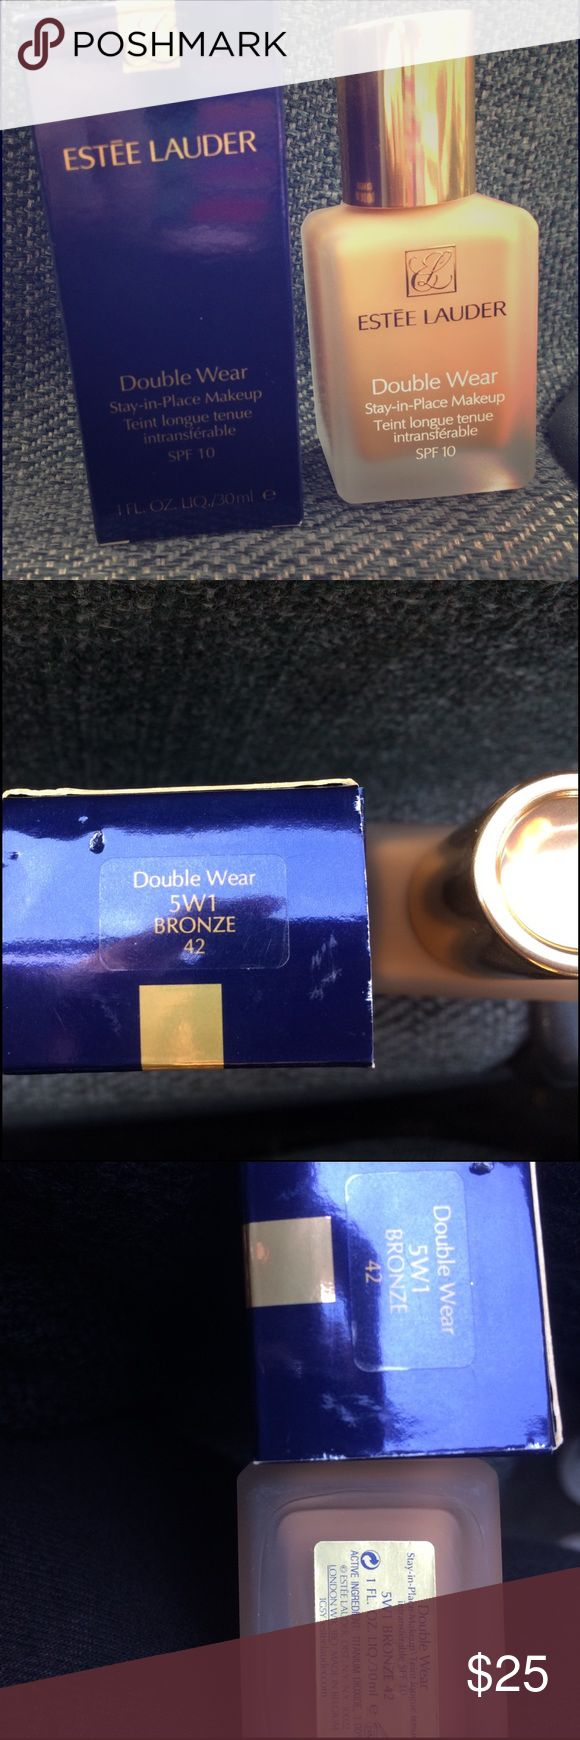 ESTÉE LAUDER DOUBLE WEAR FOUNDATION ESTÉE LAUDER DOUBLE WEAR FOUNDATION in color: Bronze 5W1. Full size bottle with box, never used. 1 Fl. Oz. Estee Lauder Makeup Foundation